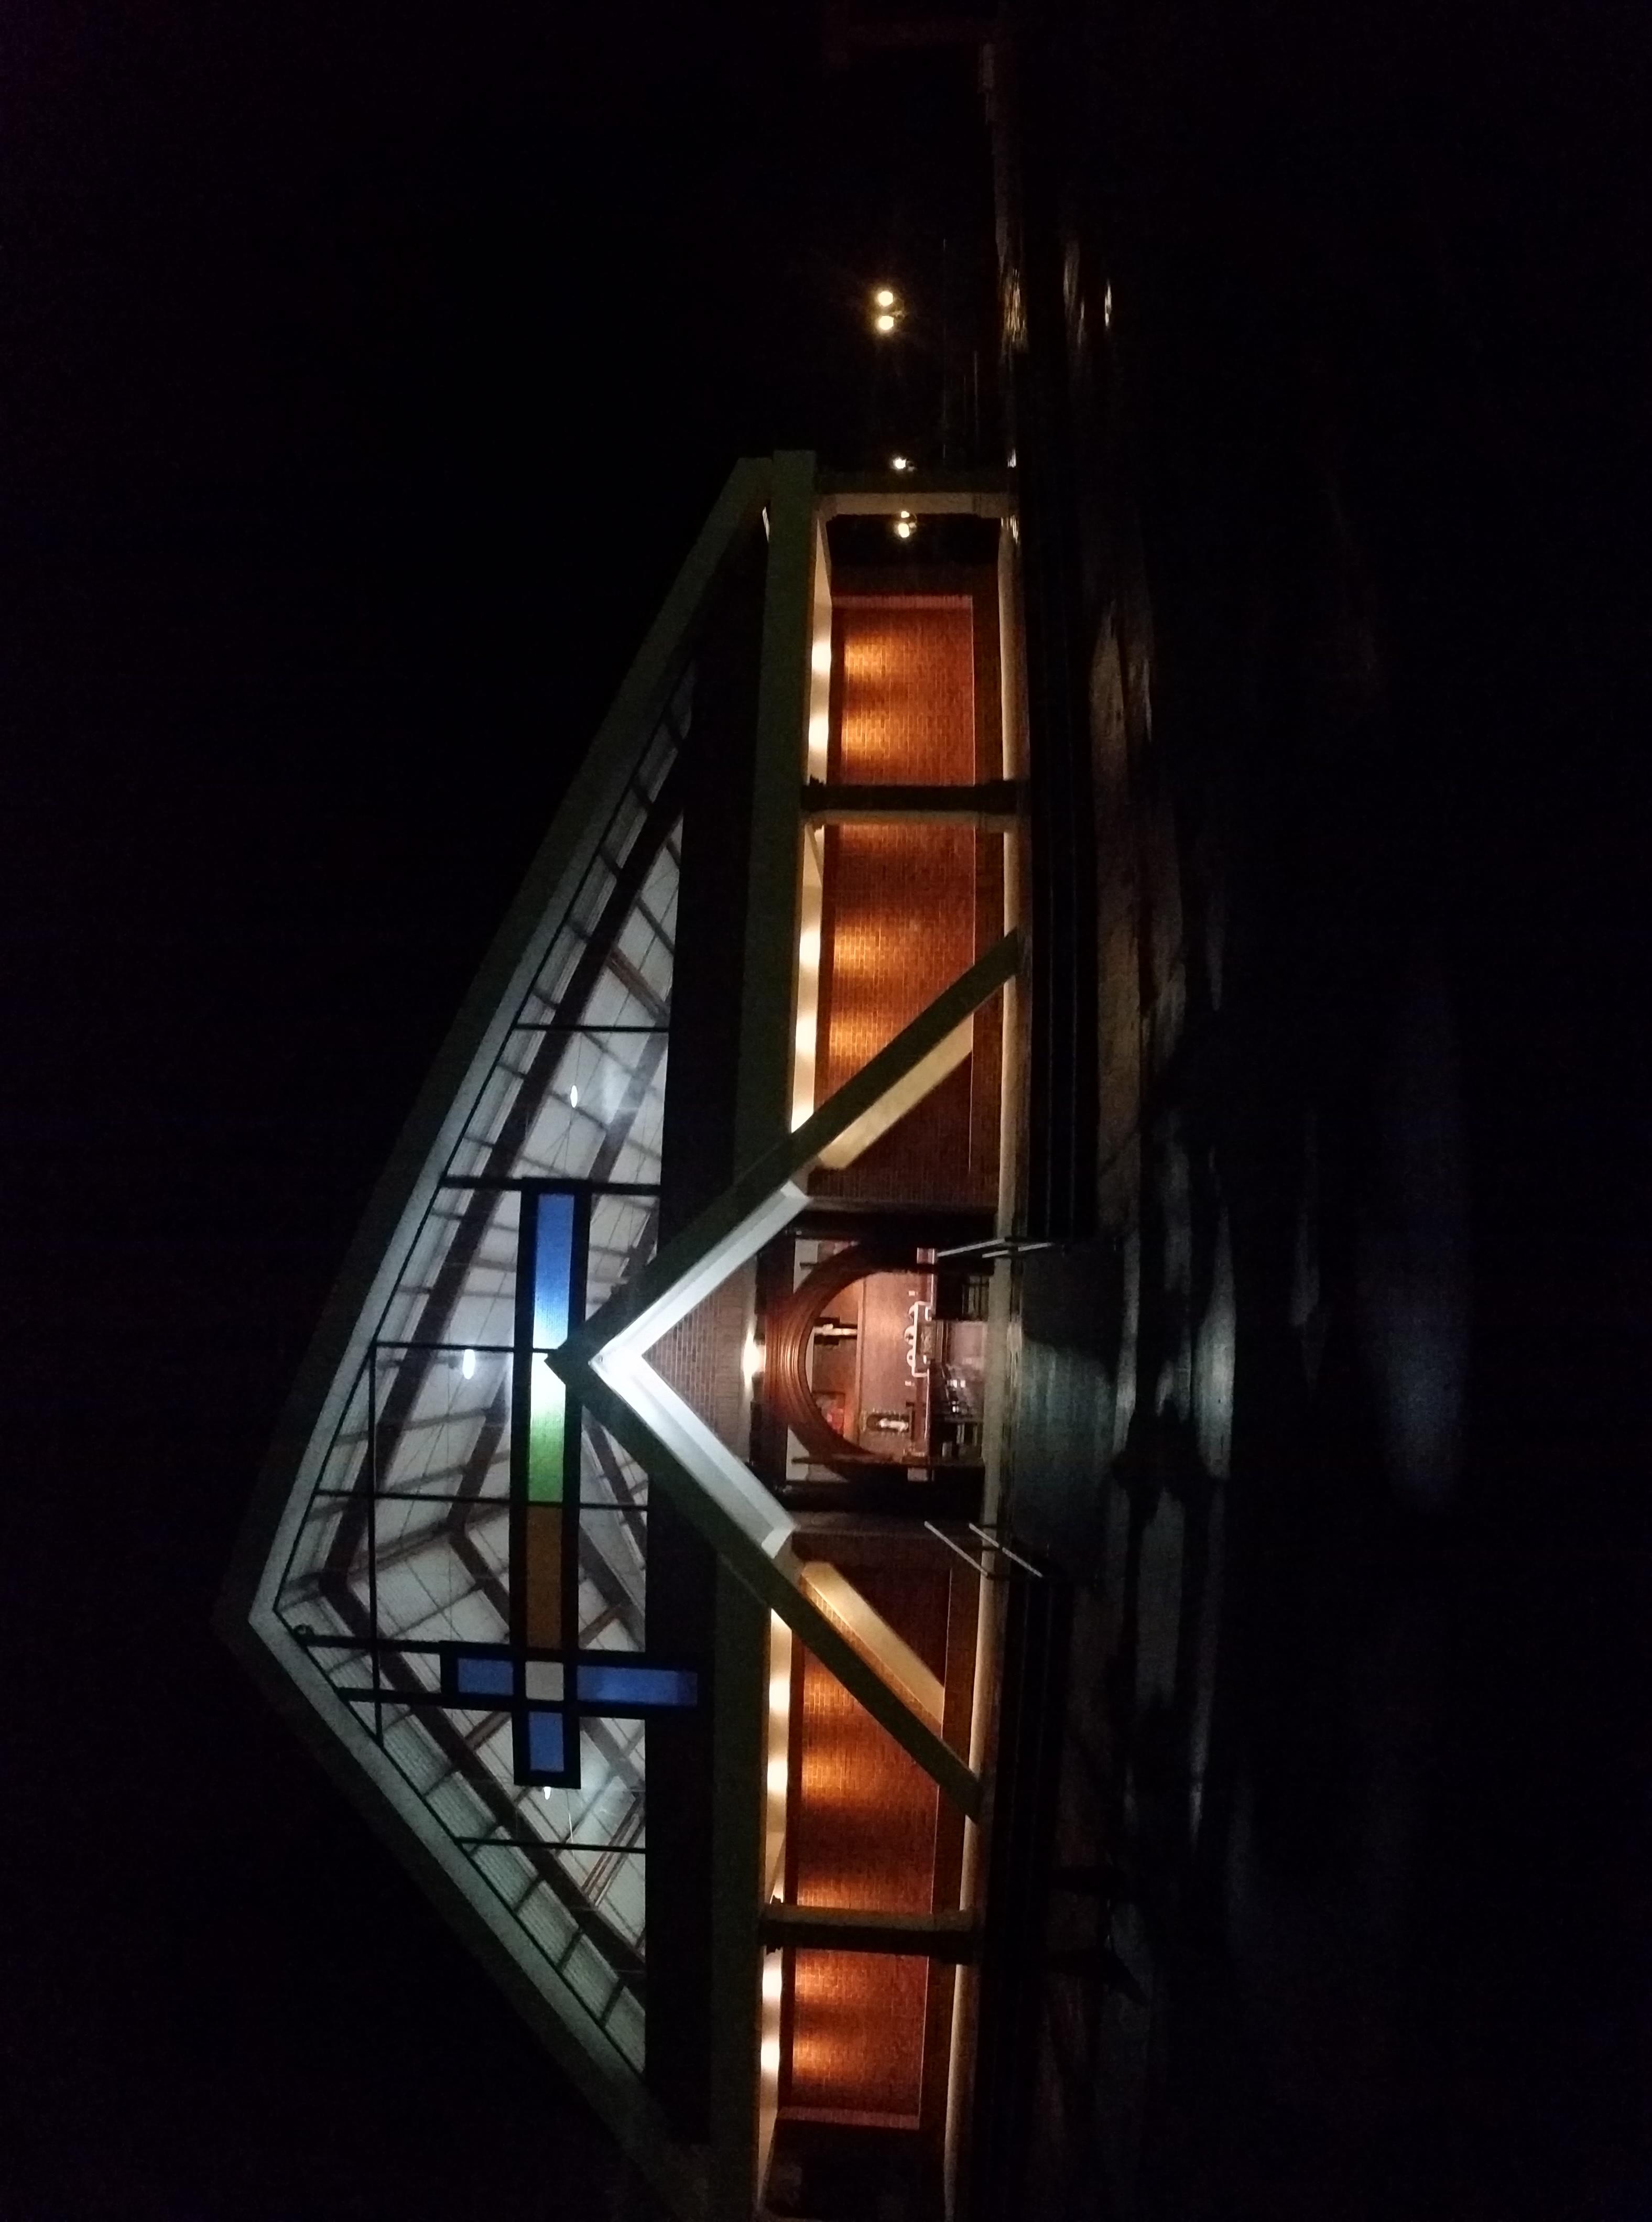 Capilla de Noche